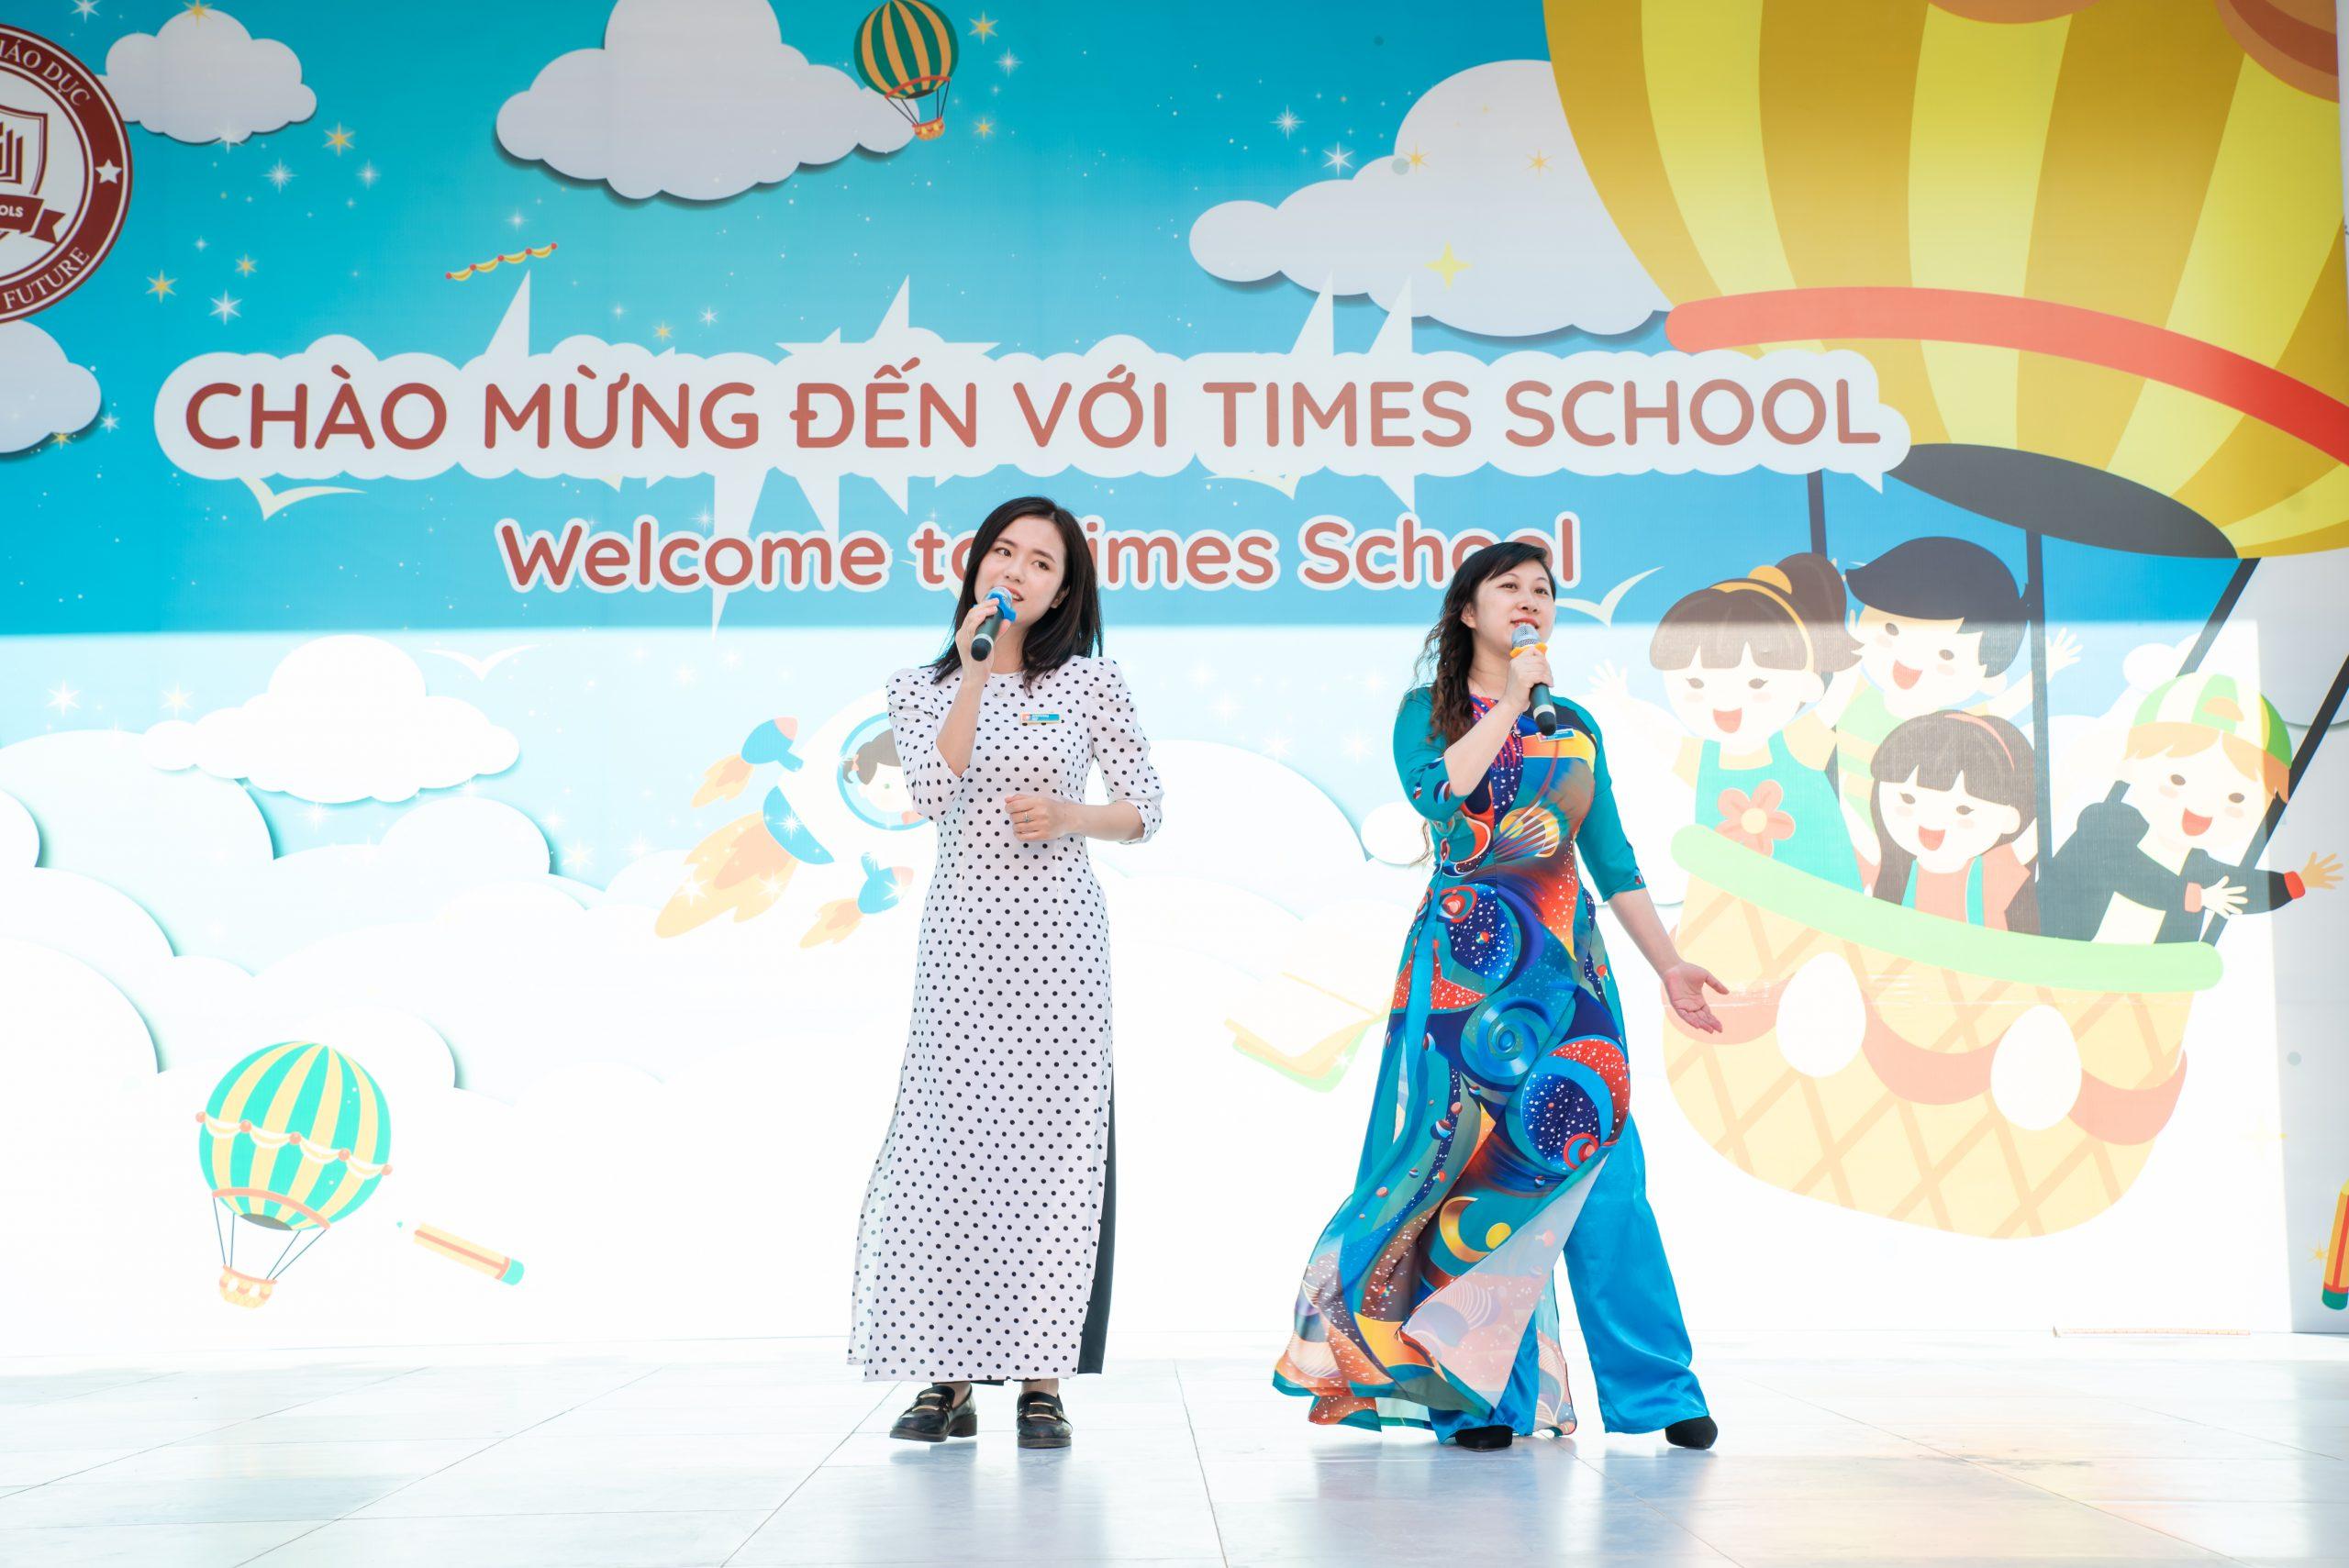 Sôi động ngày hội gia đình ở trường Tiểu học Times School